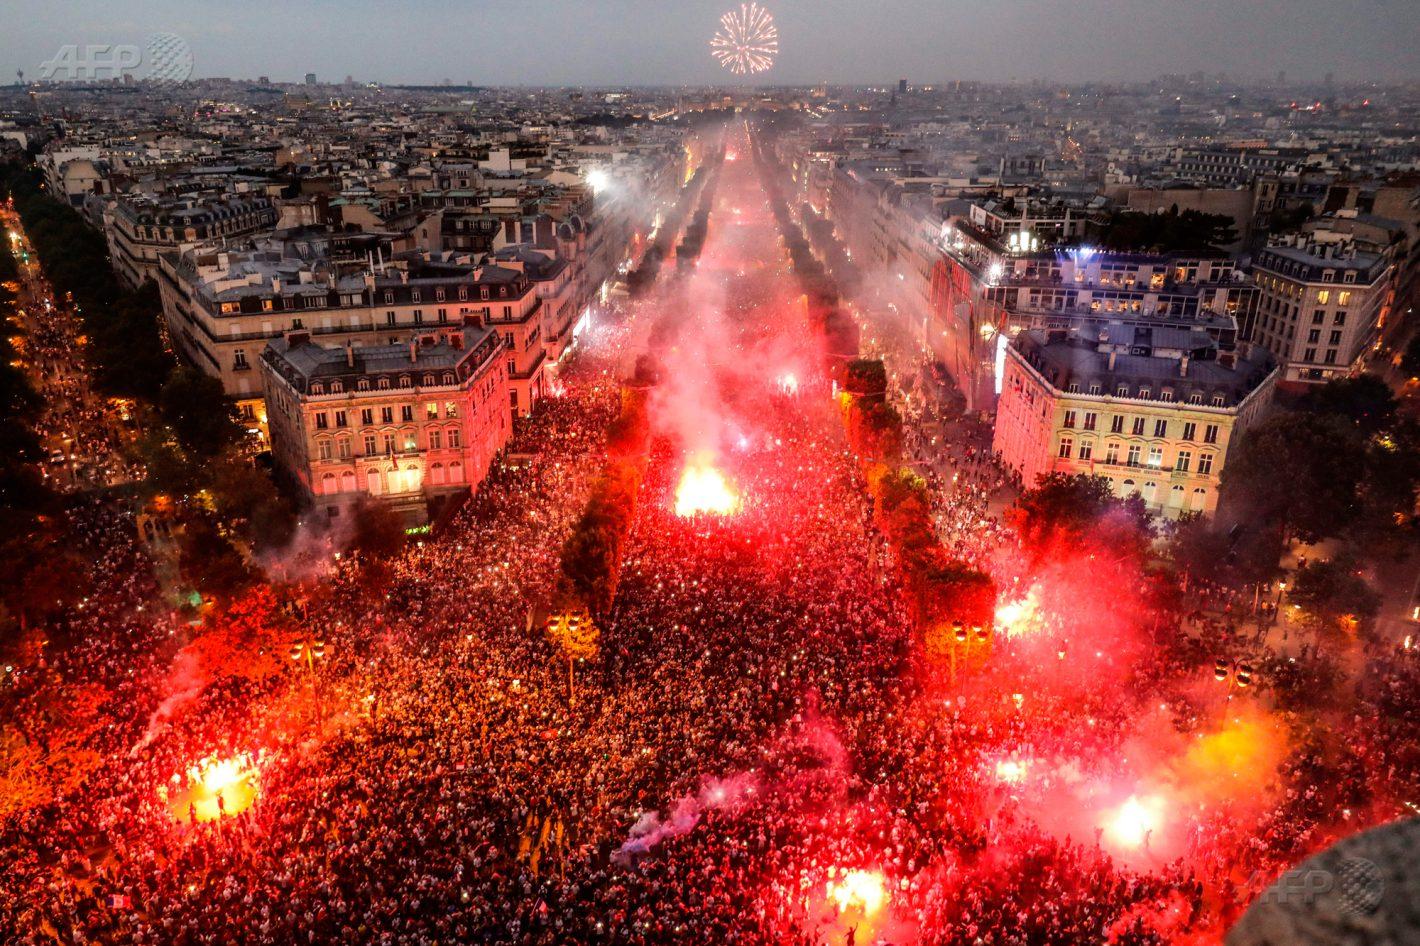 15 juillet 2018 – Paris – Vue générale réalisée depuis le sommet de l'Arc de Triomphe montrant la foule allumant des fumigènes sur les Champs-Elysées pour célébrer la victoire de la France face à la Croatie (4-2), lors de la finale de la Coupe du monde de football en Russie. AFP PHOTO / Ludovic MARIN